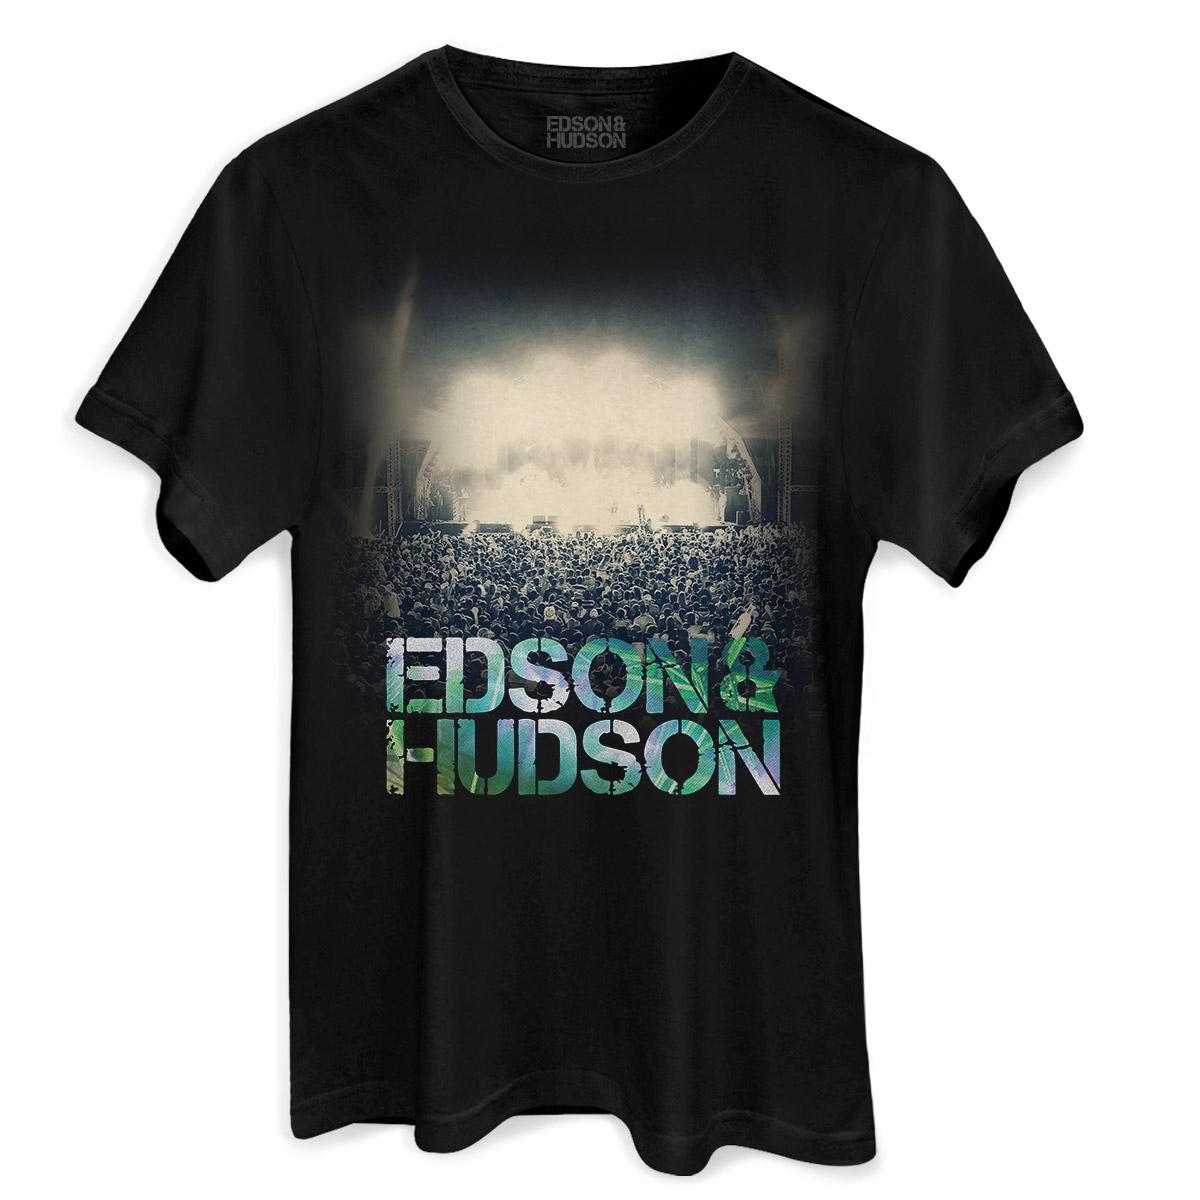 Camiseta Masculina Edson & Hudson Show